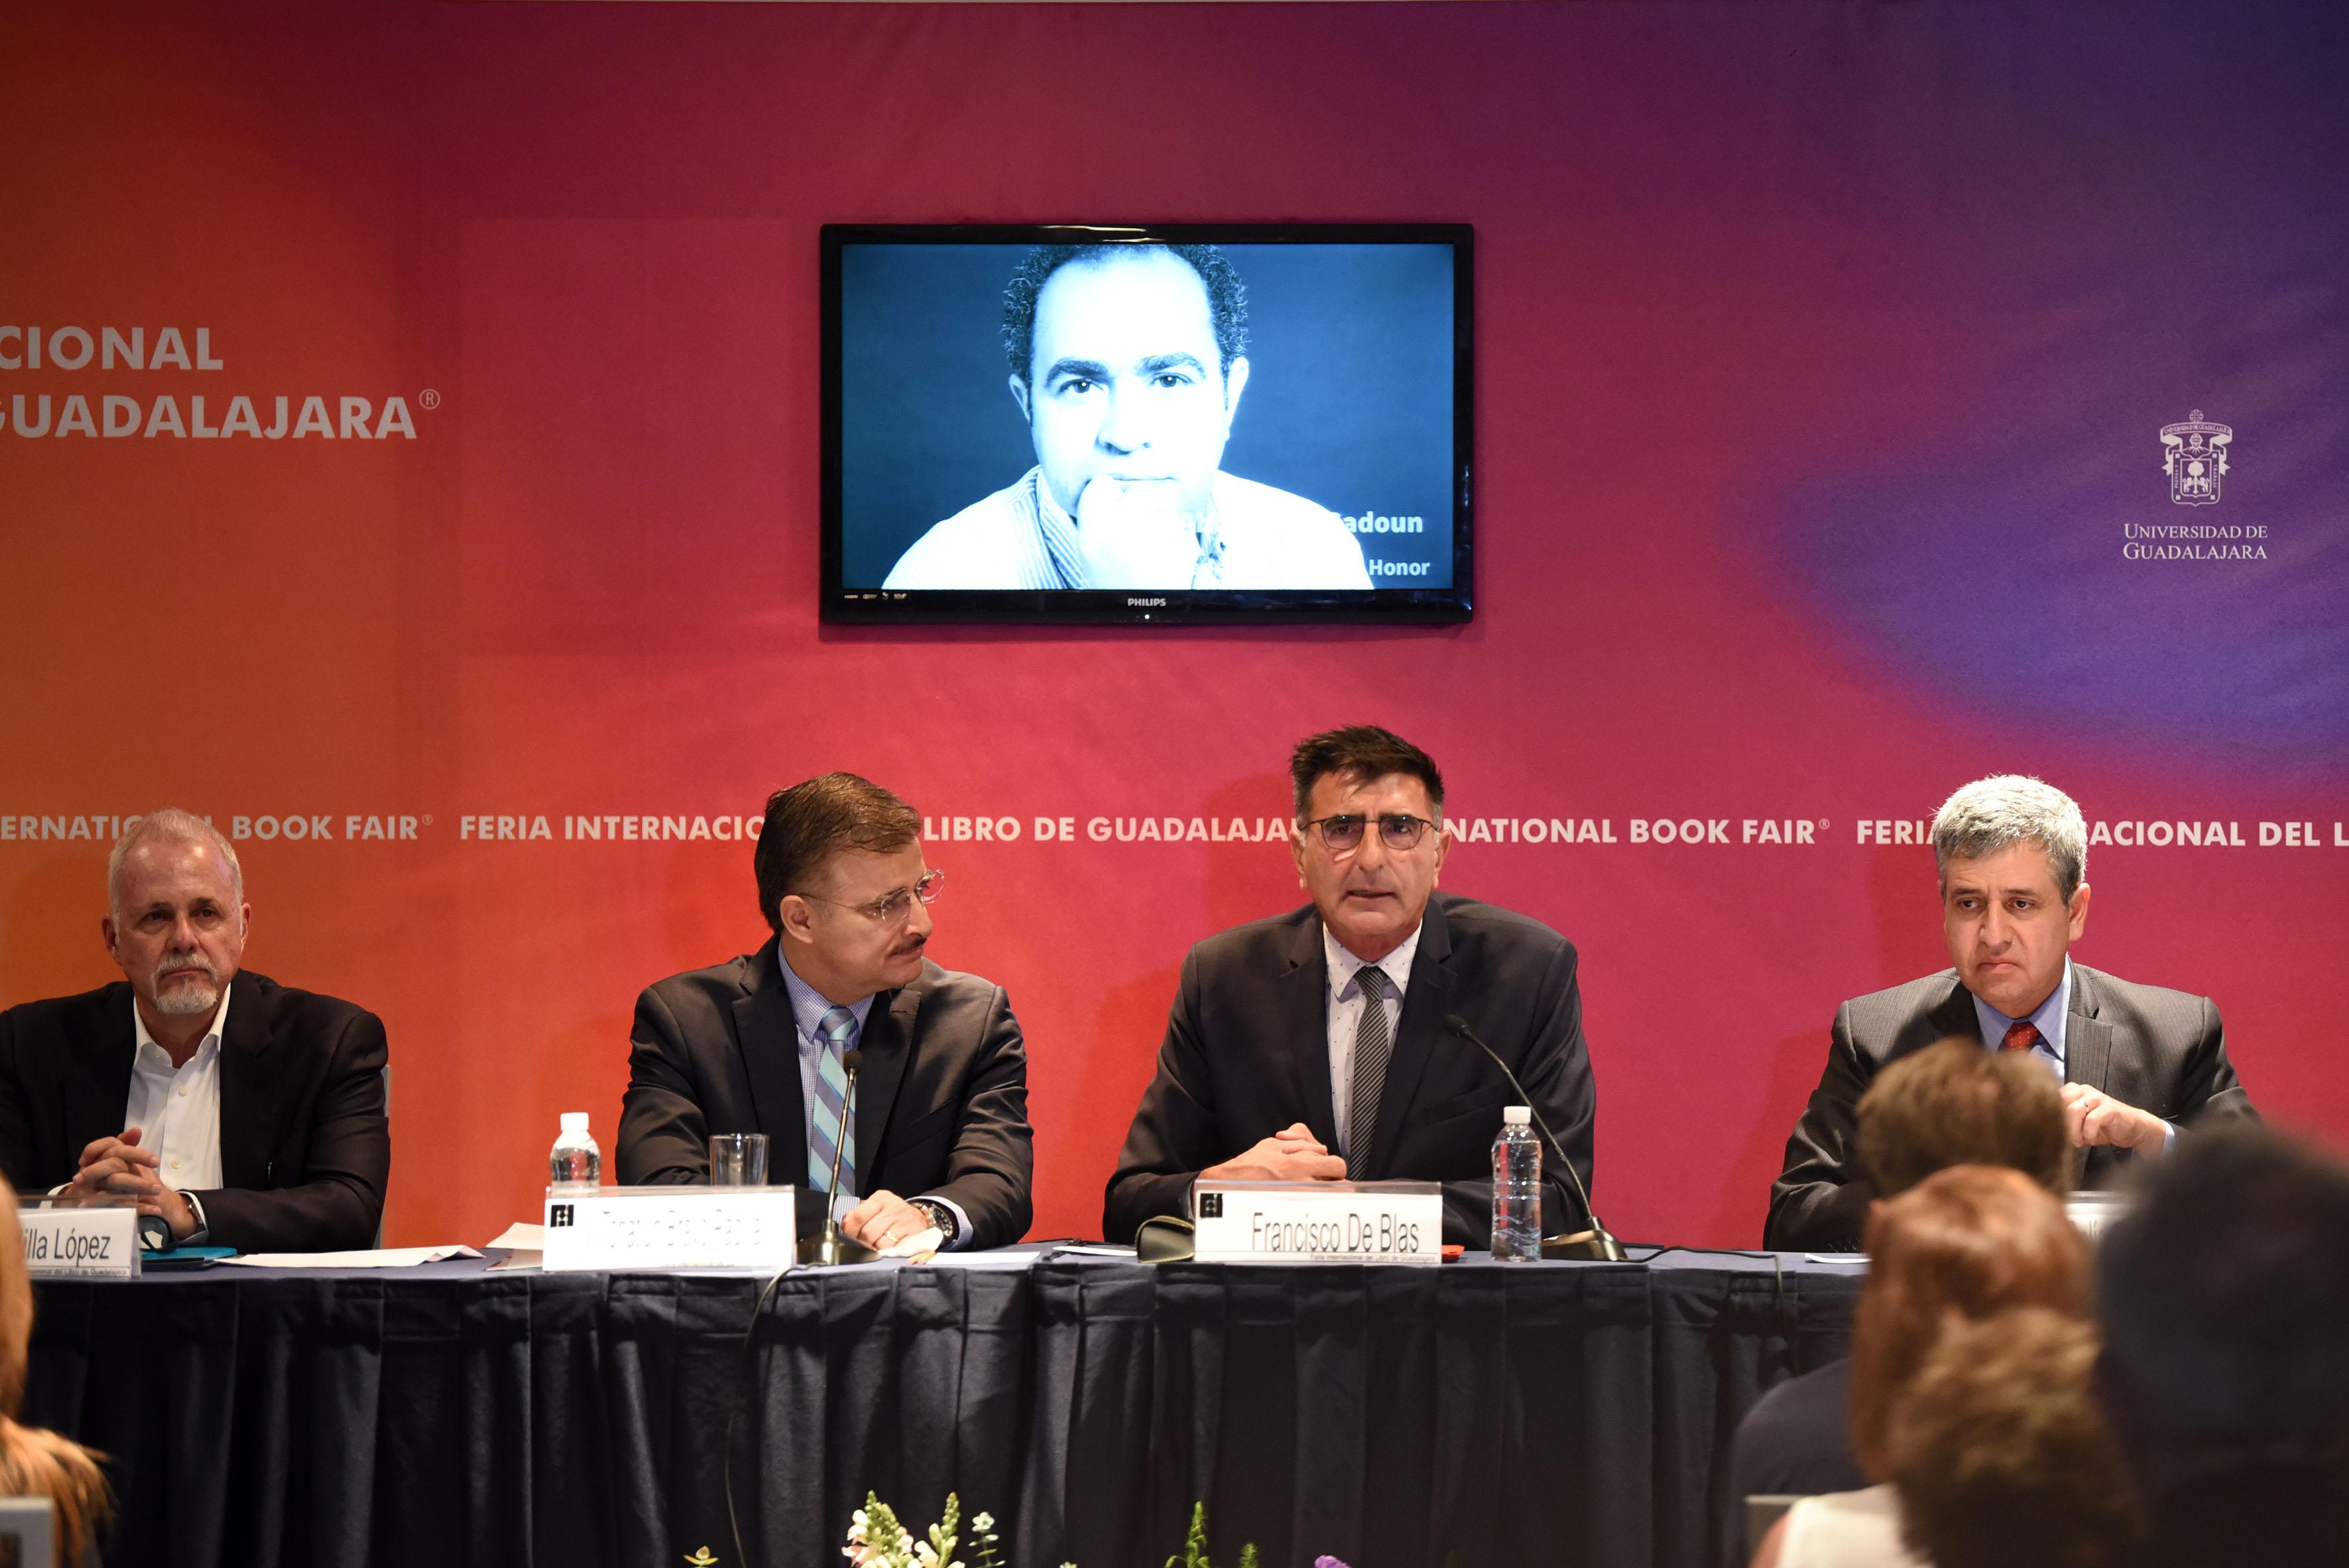 Doctor Francisco Javier de Blas Zabaleta, vocal asesor de la Coordinación General de la Alcaldía de Madrid, haciendo uso de la palabra.